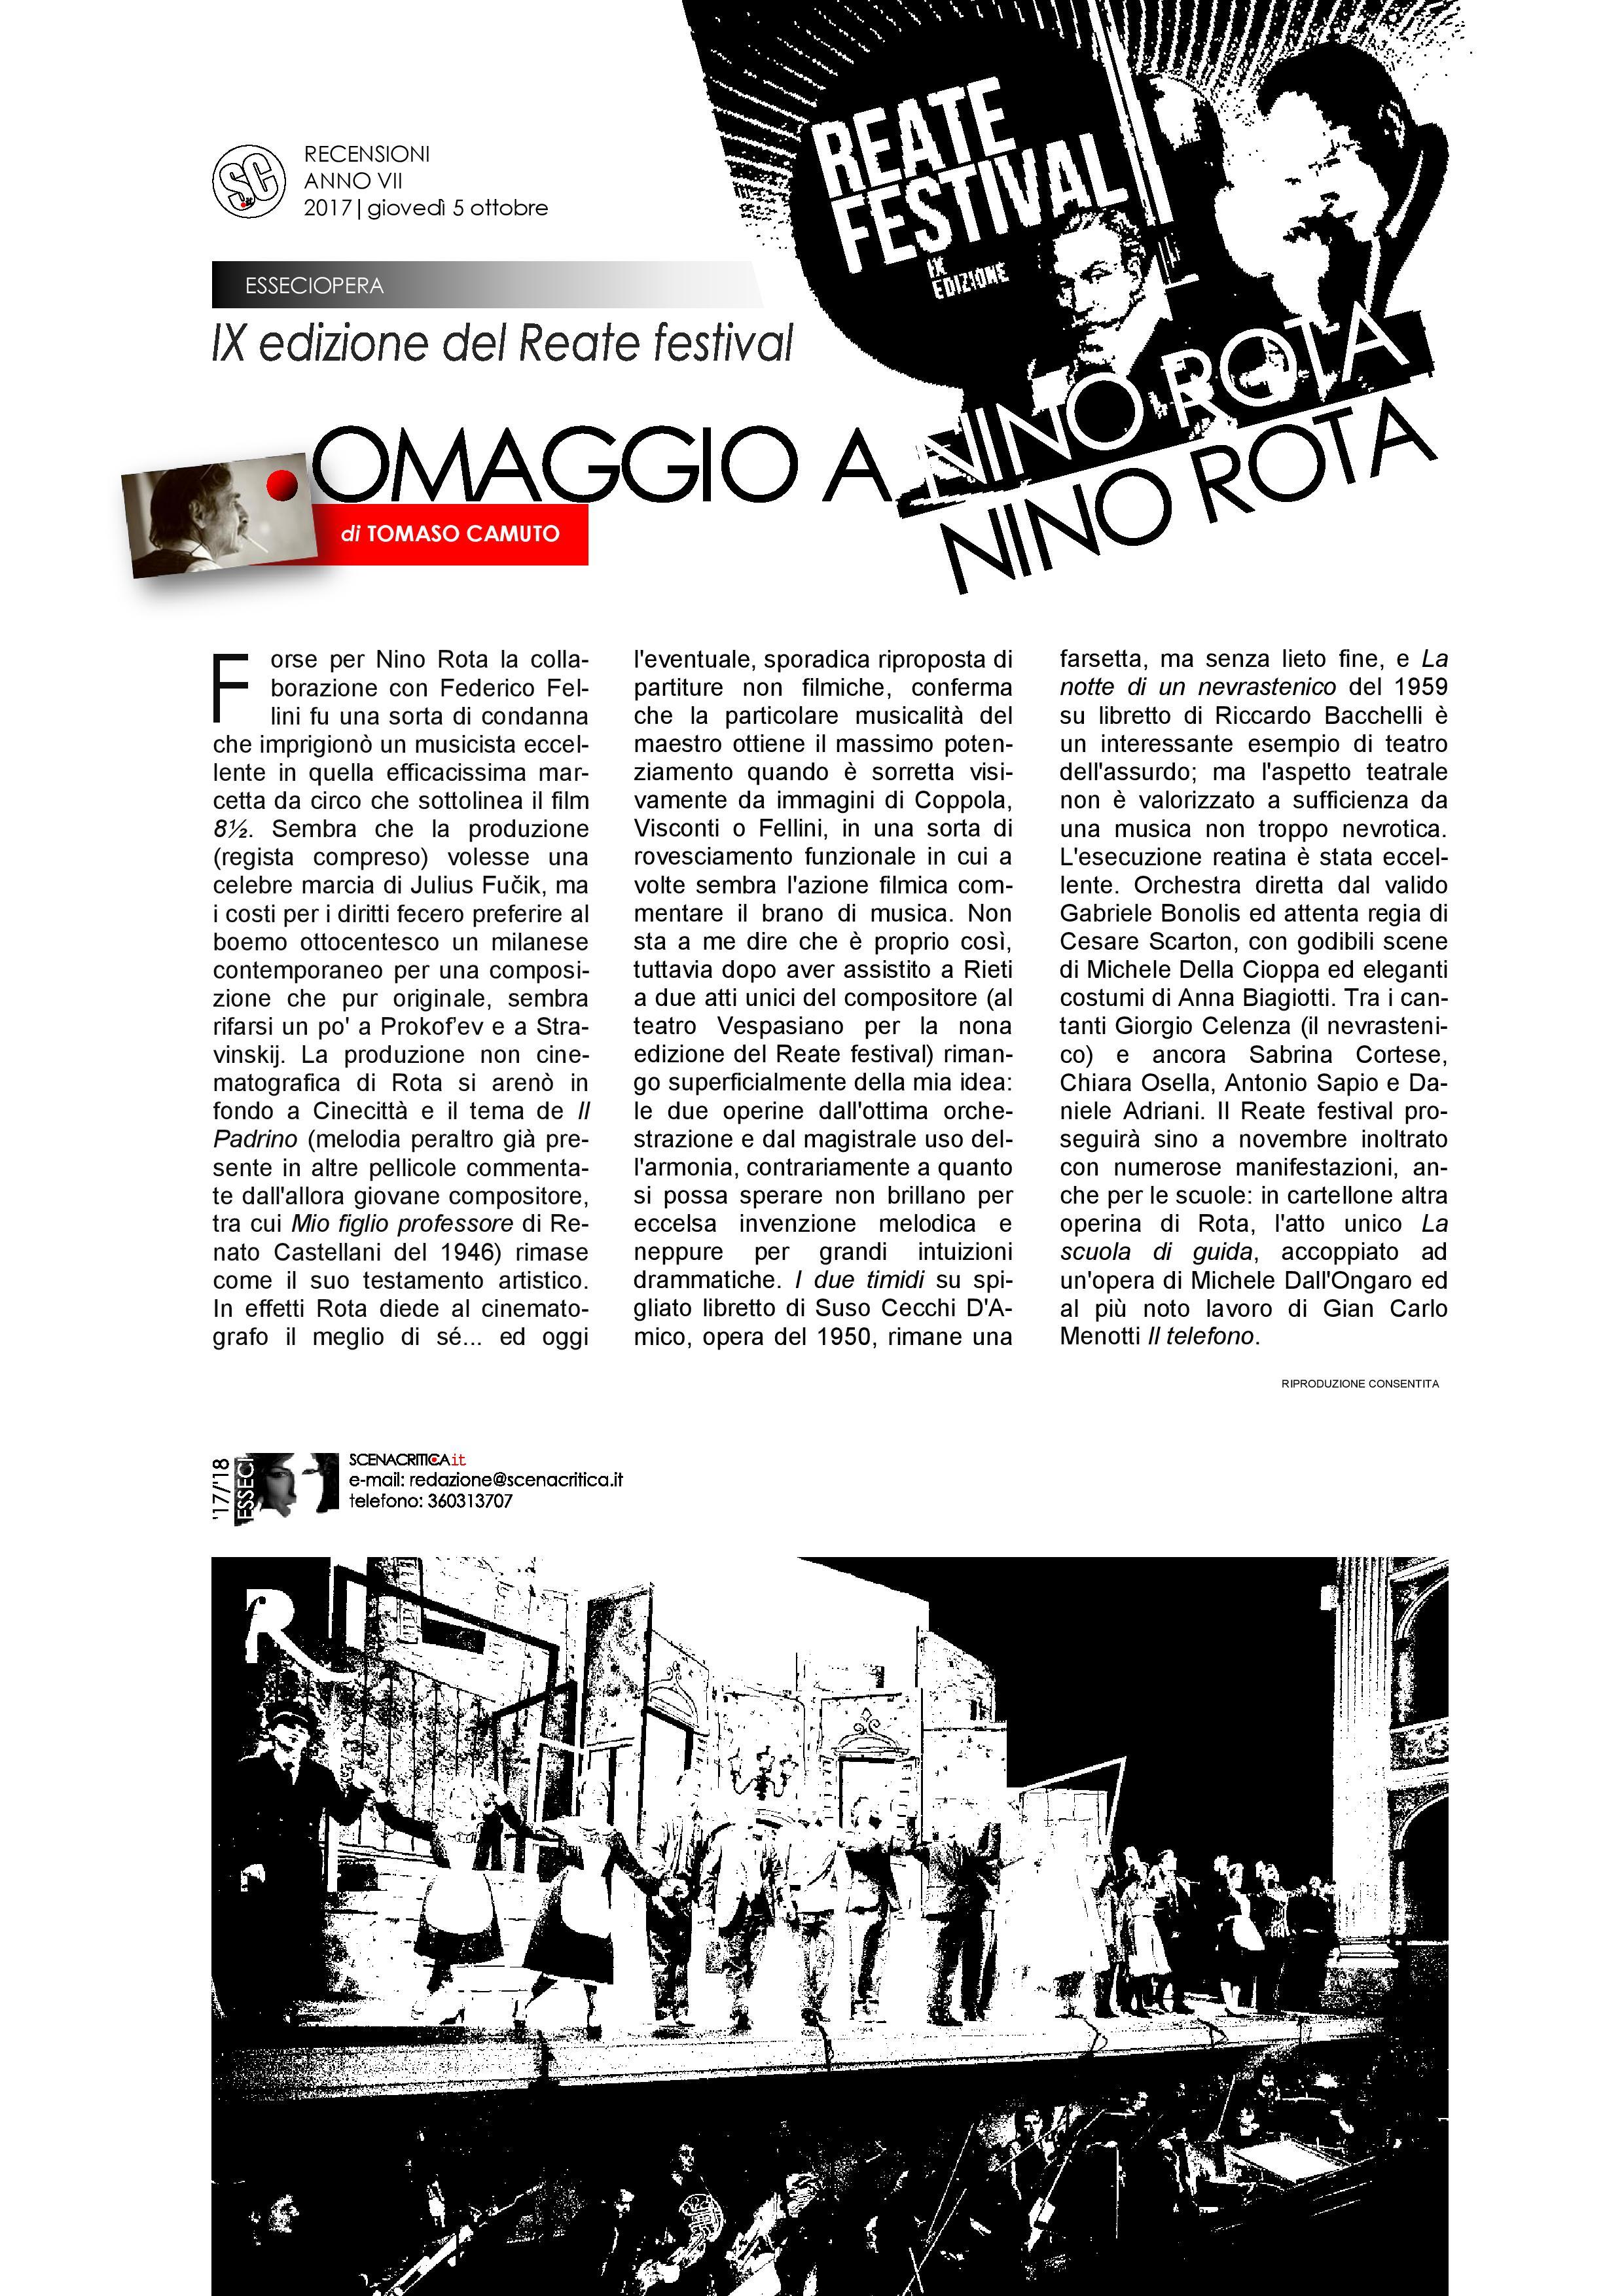 Scena critica_Tomaso Camuto-page-001